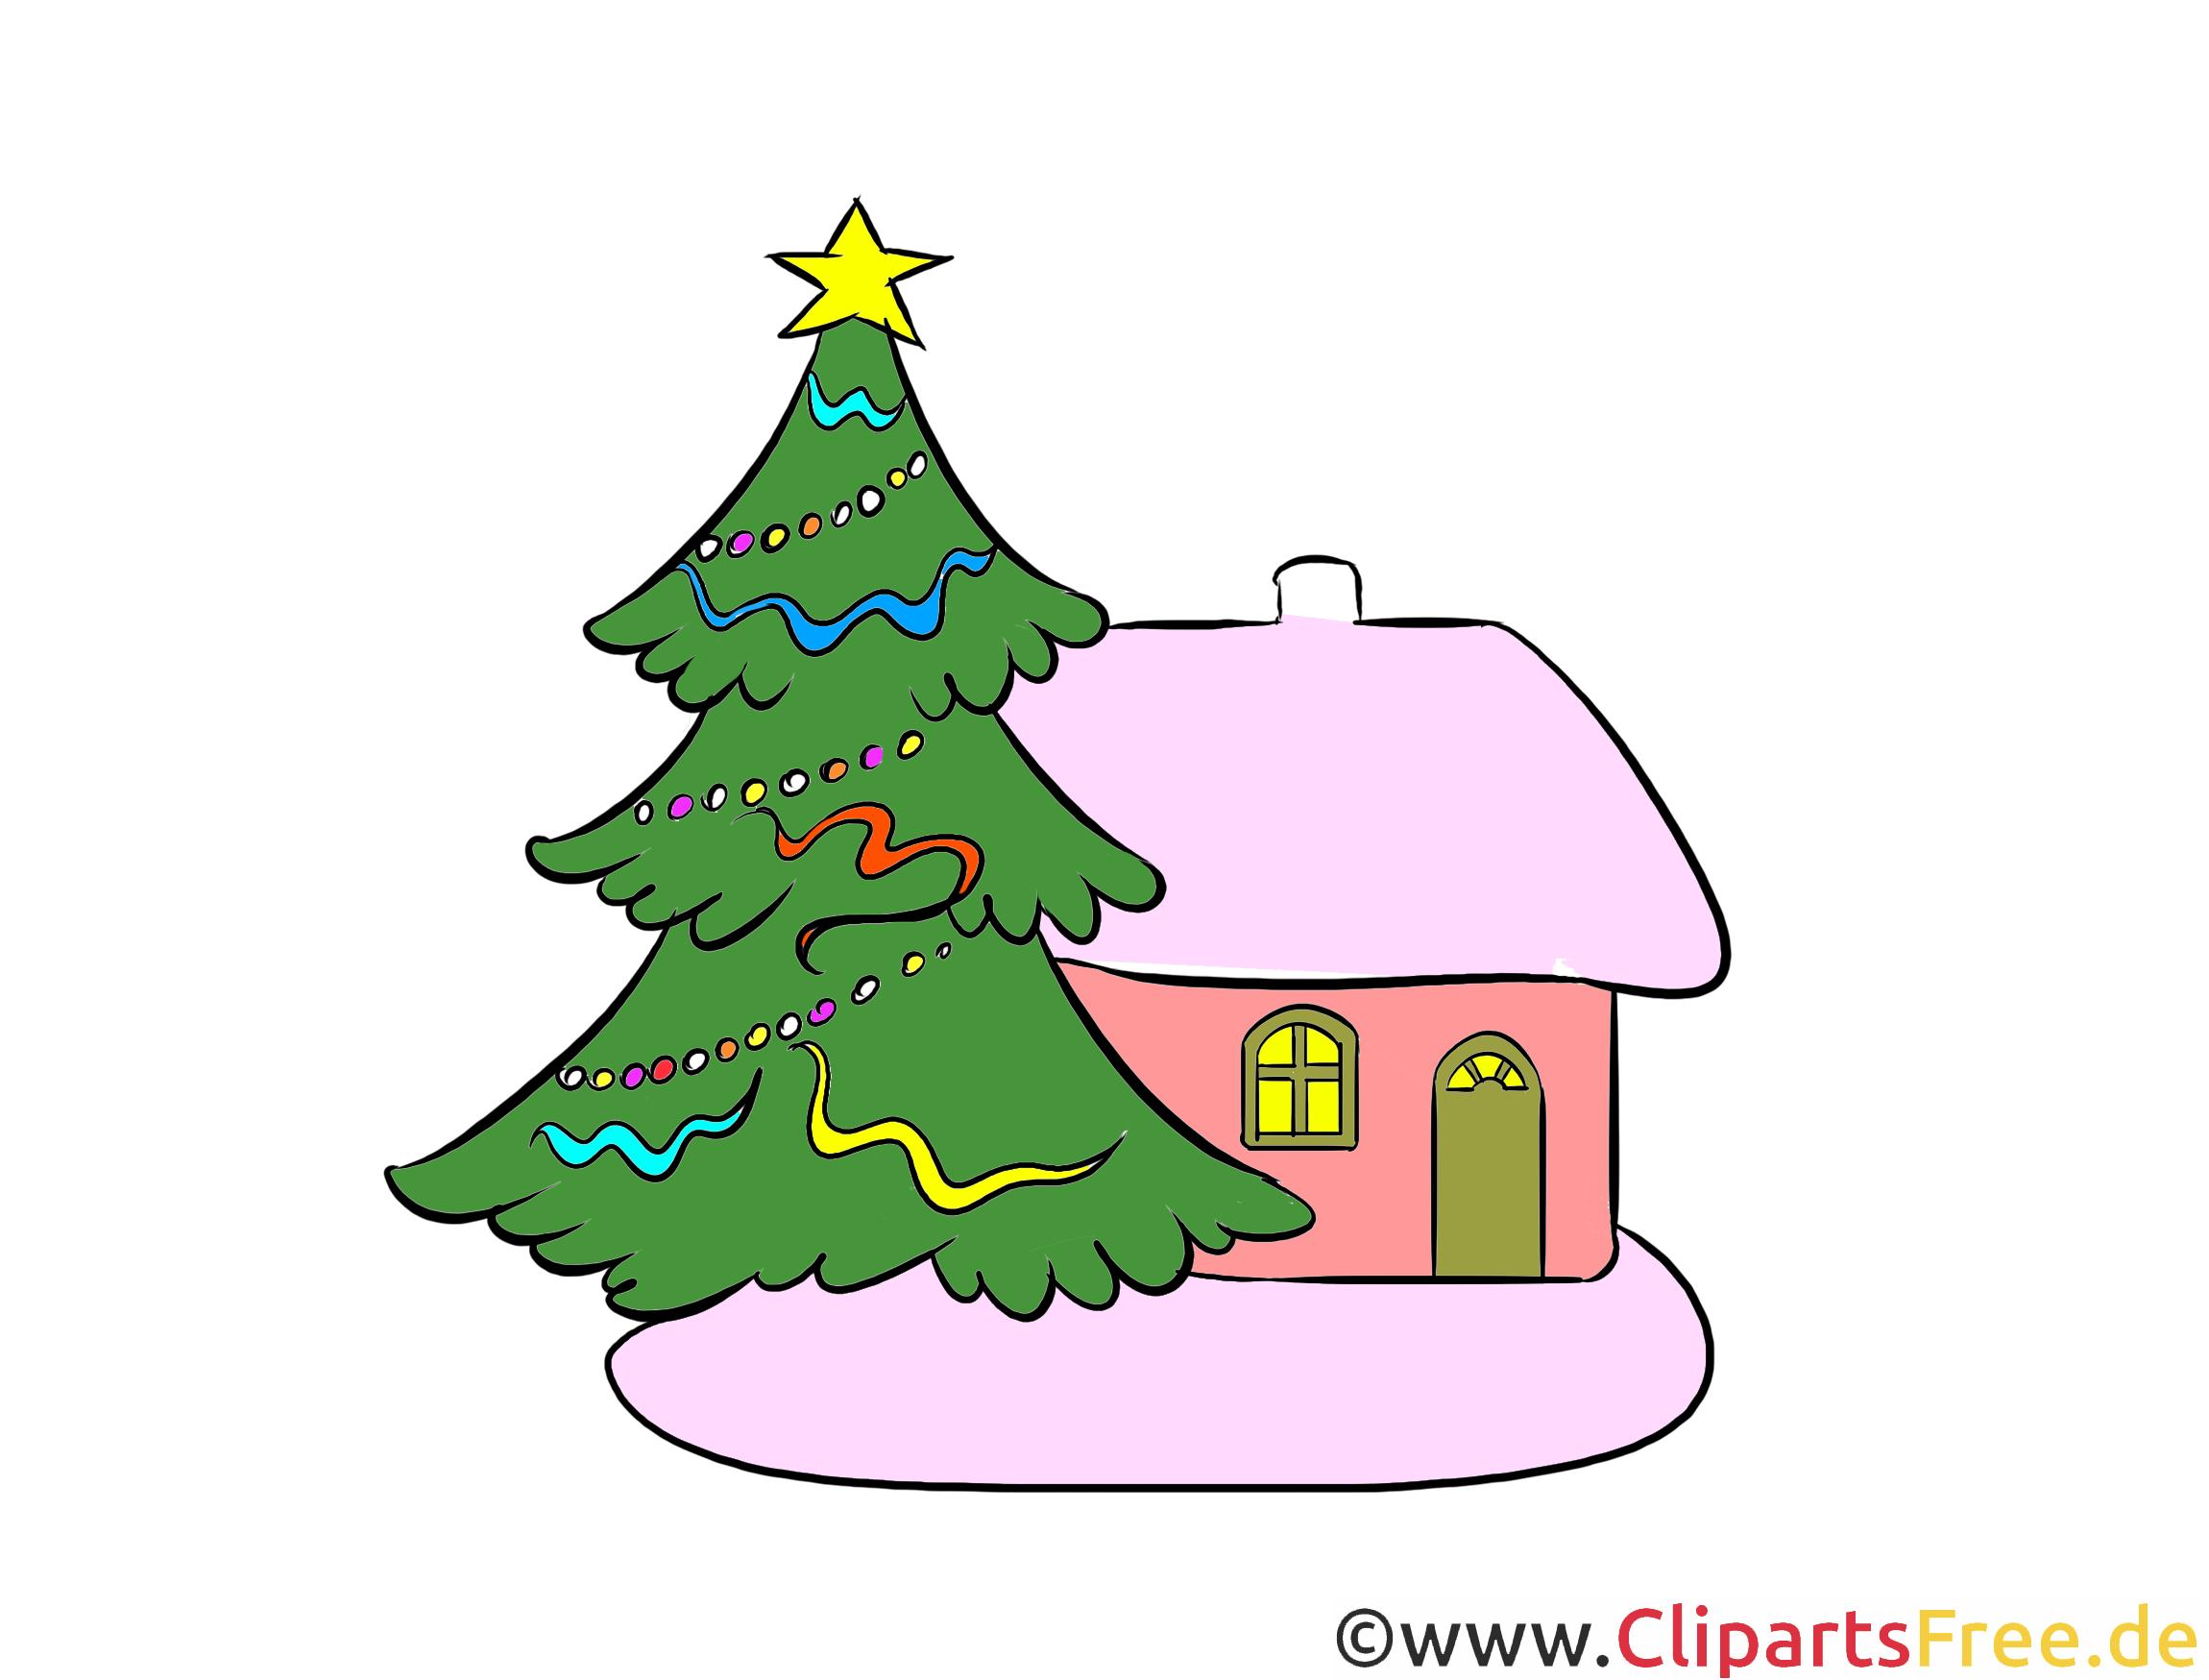 Darmowe cliparty Boże Narodzenie, choinka, dom